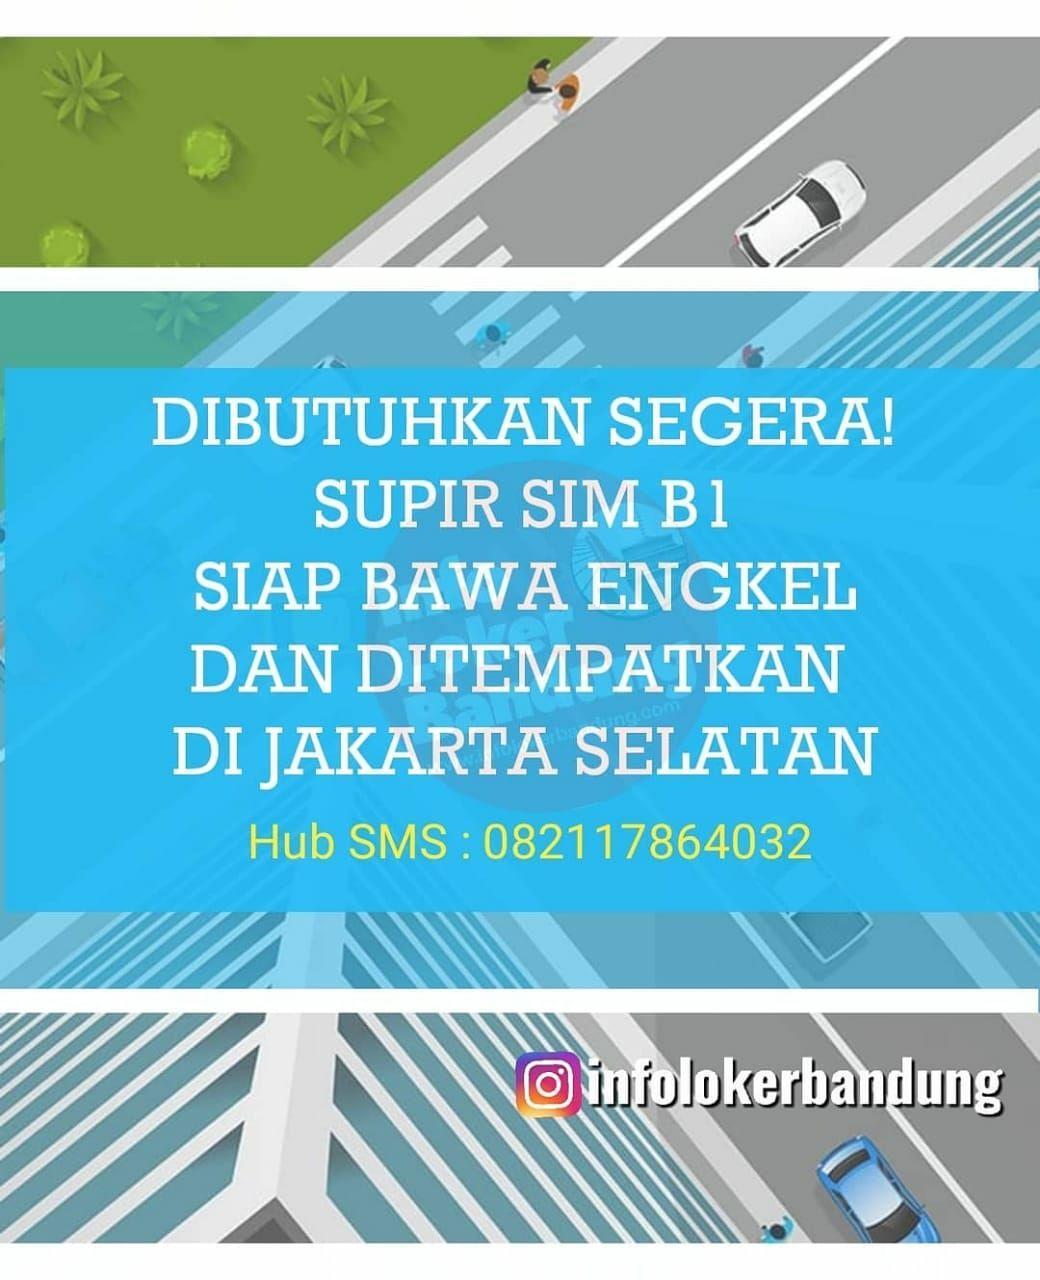 Dibutuhkan Segera Supir SIM B1 utk Penempatan Jakarta Selatan